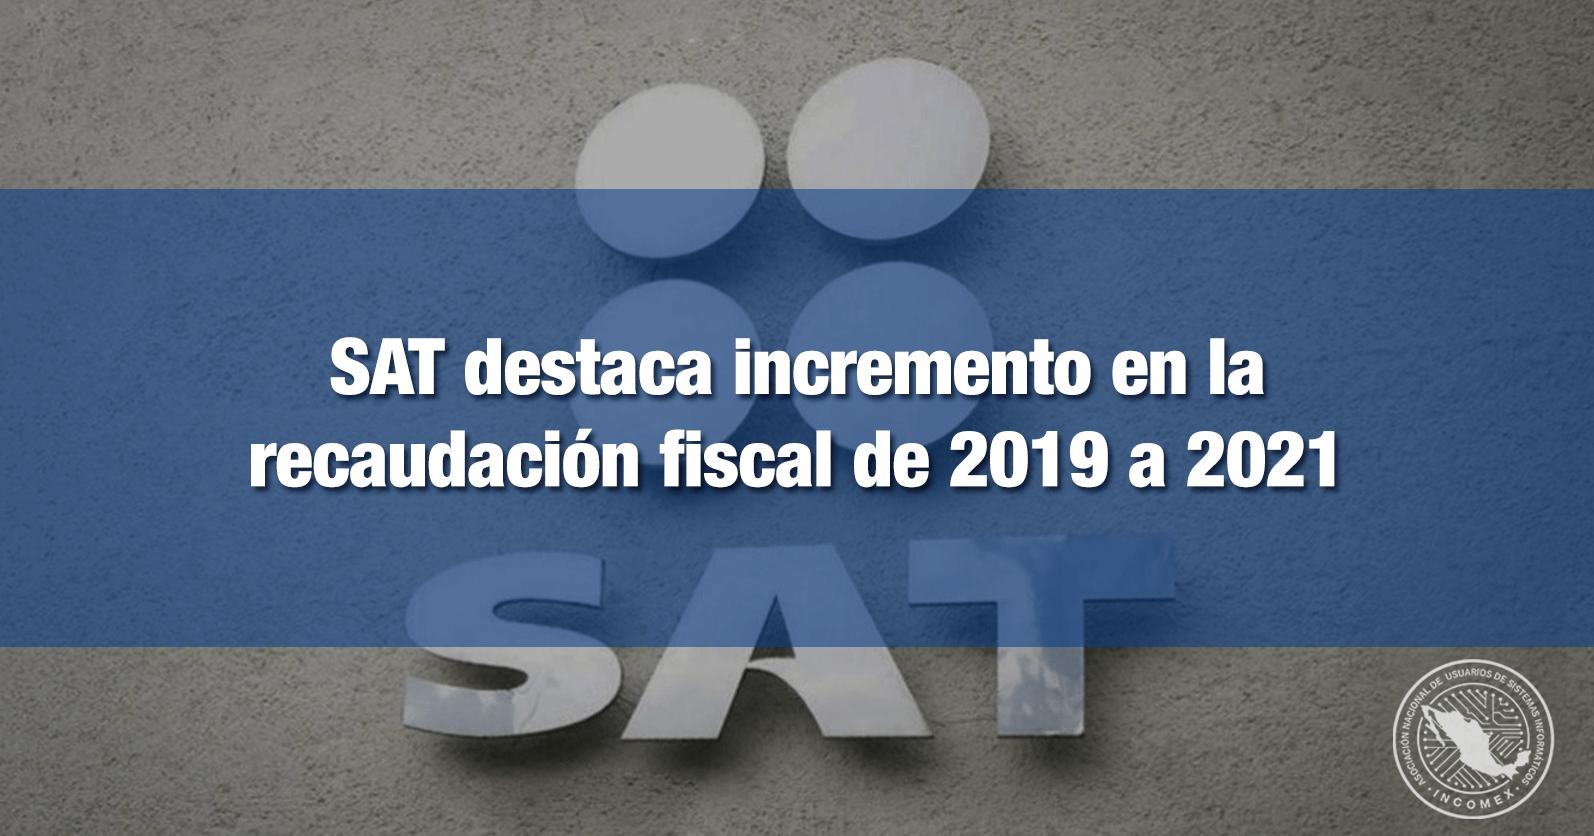 SAT destaca incremento en la recaudación fiscal de 2019 a 2021